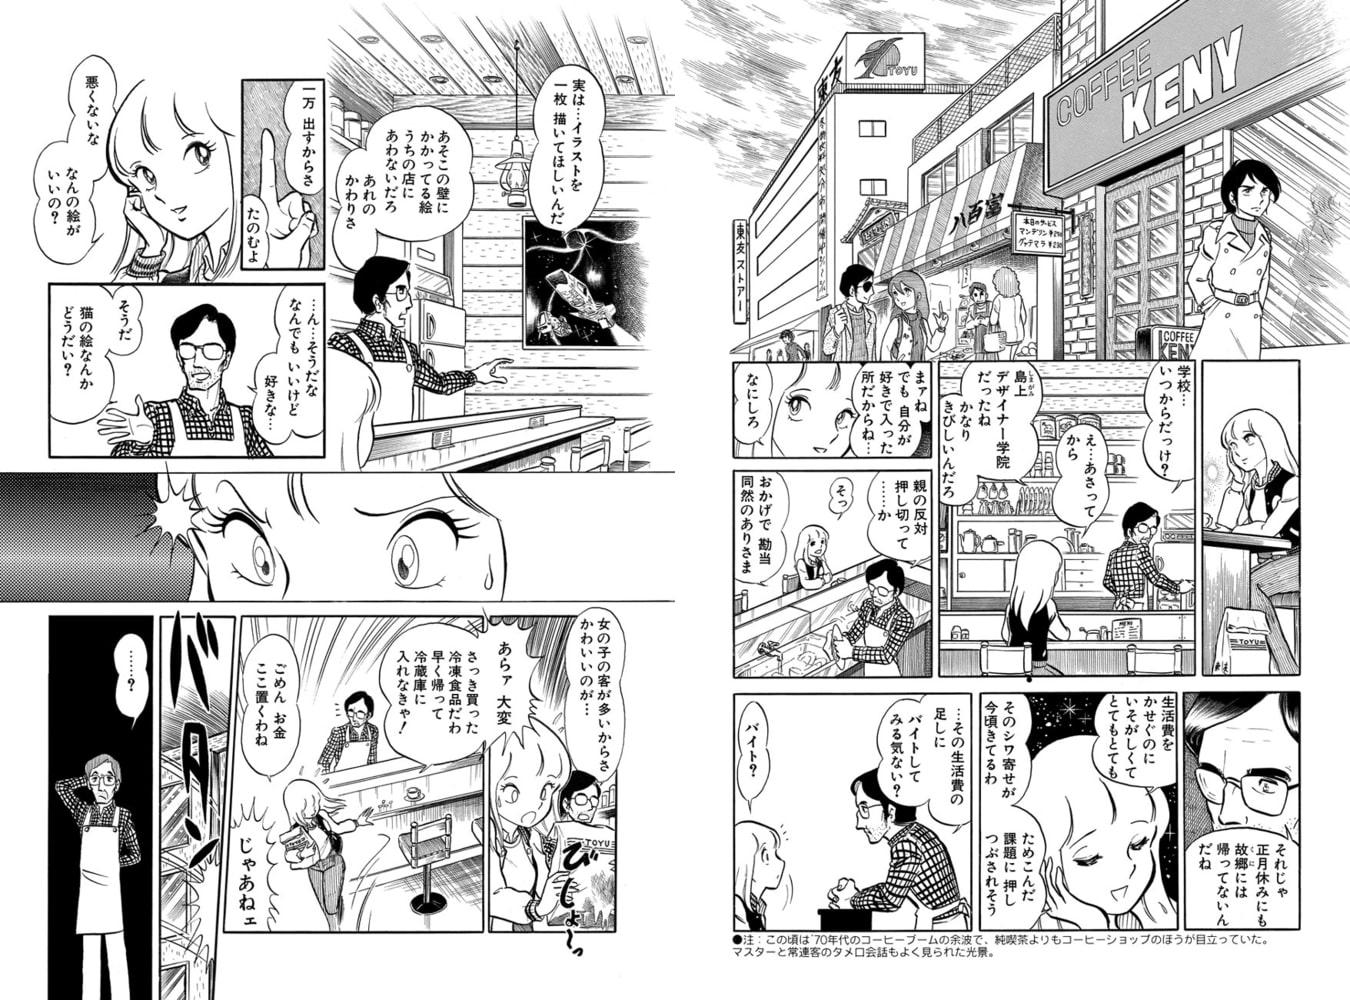 ネコじゃないモン! (1)